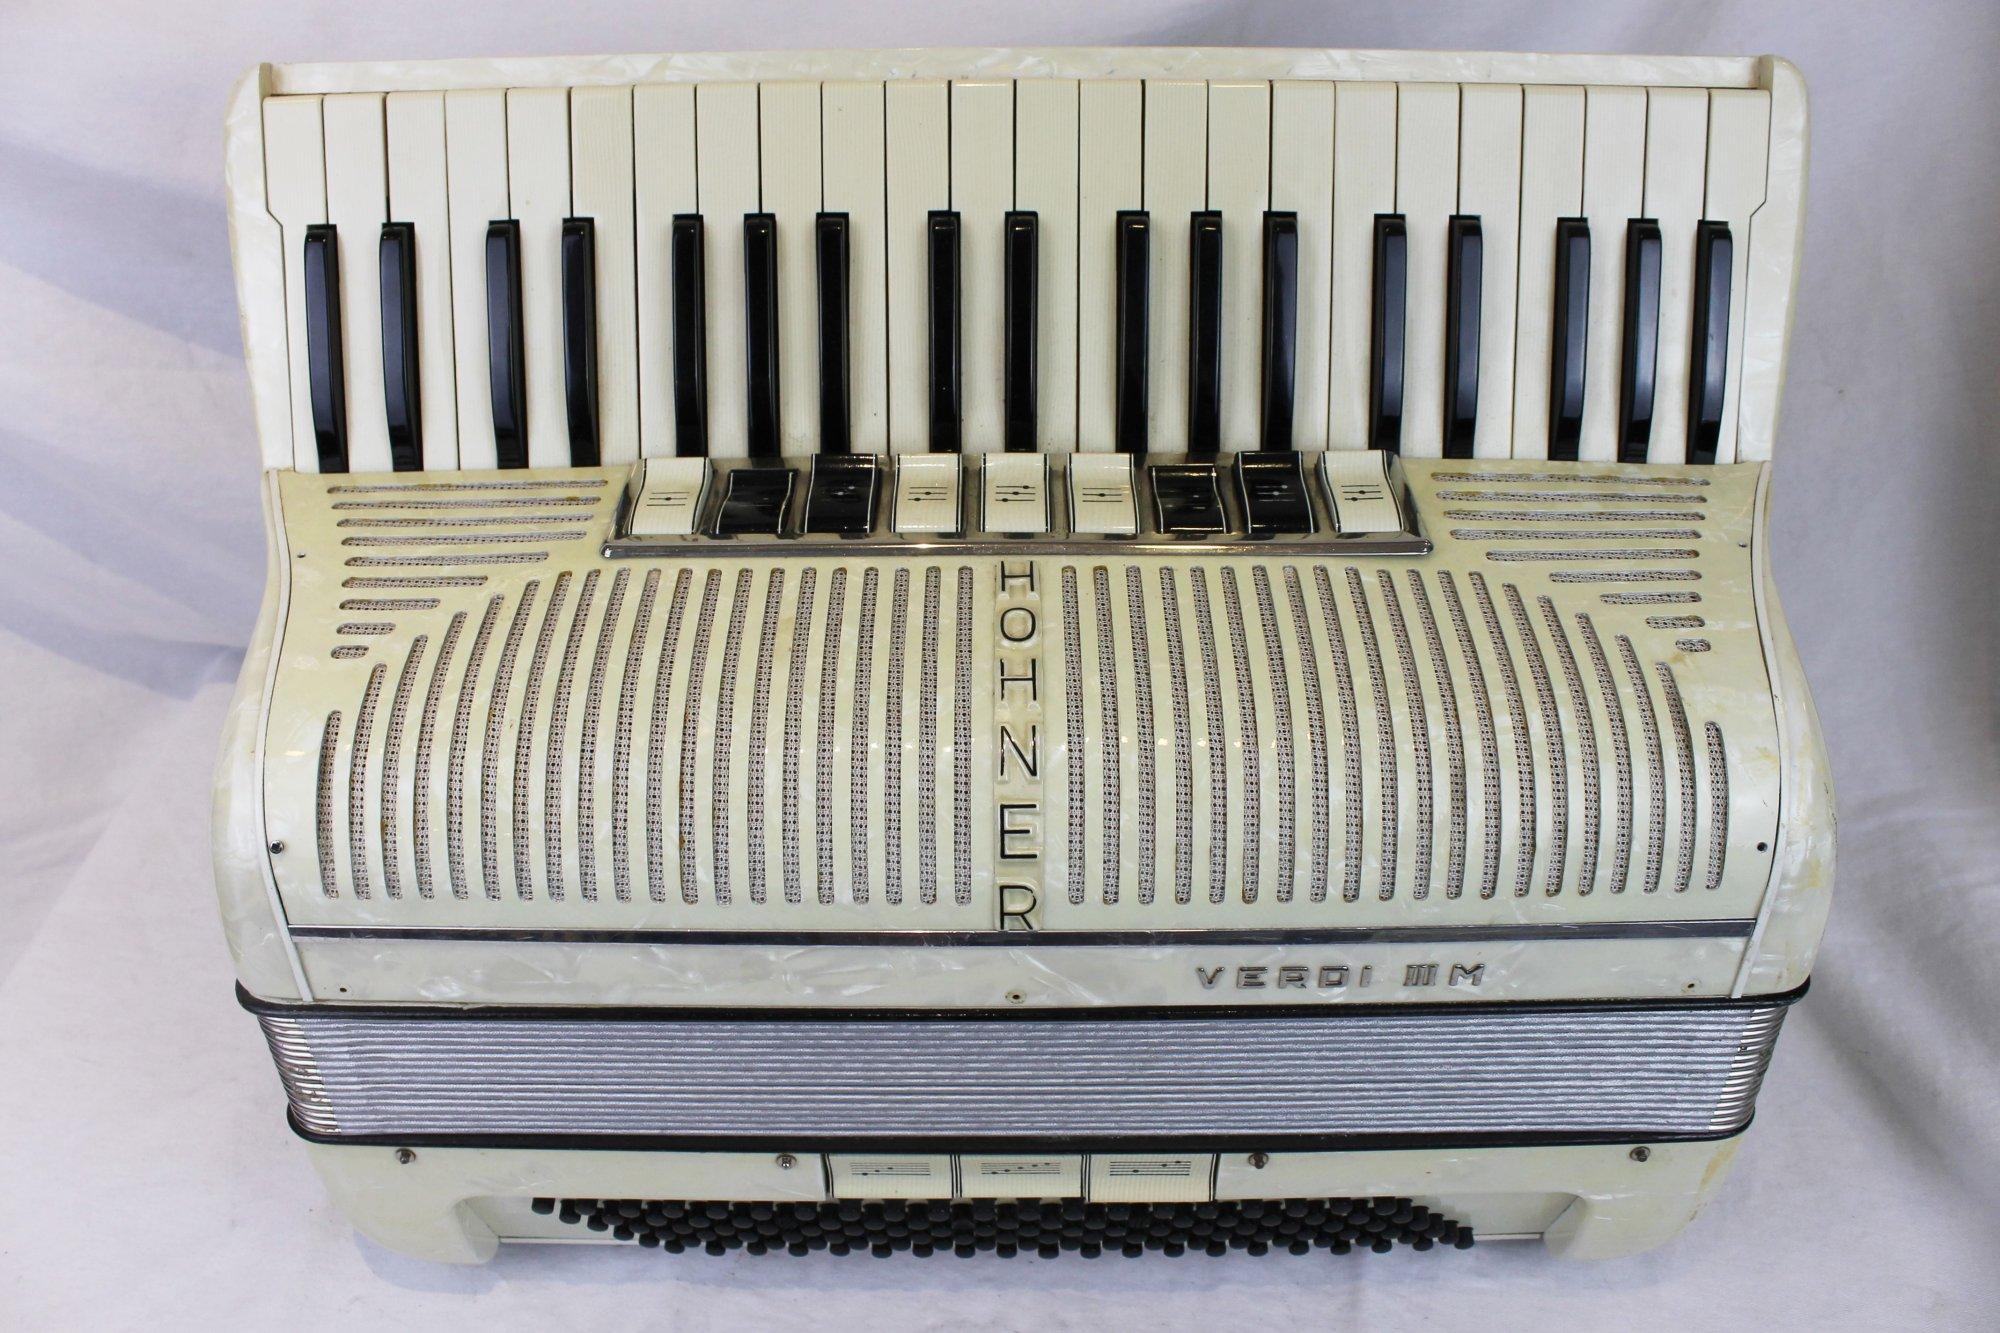 6063 - Cream Hohner Verdi IIIM Piano Accordion LMM 41 120 - For Parts or Repair